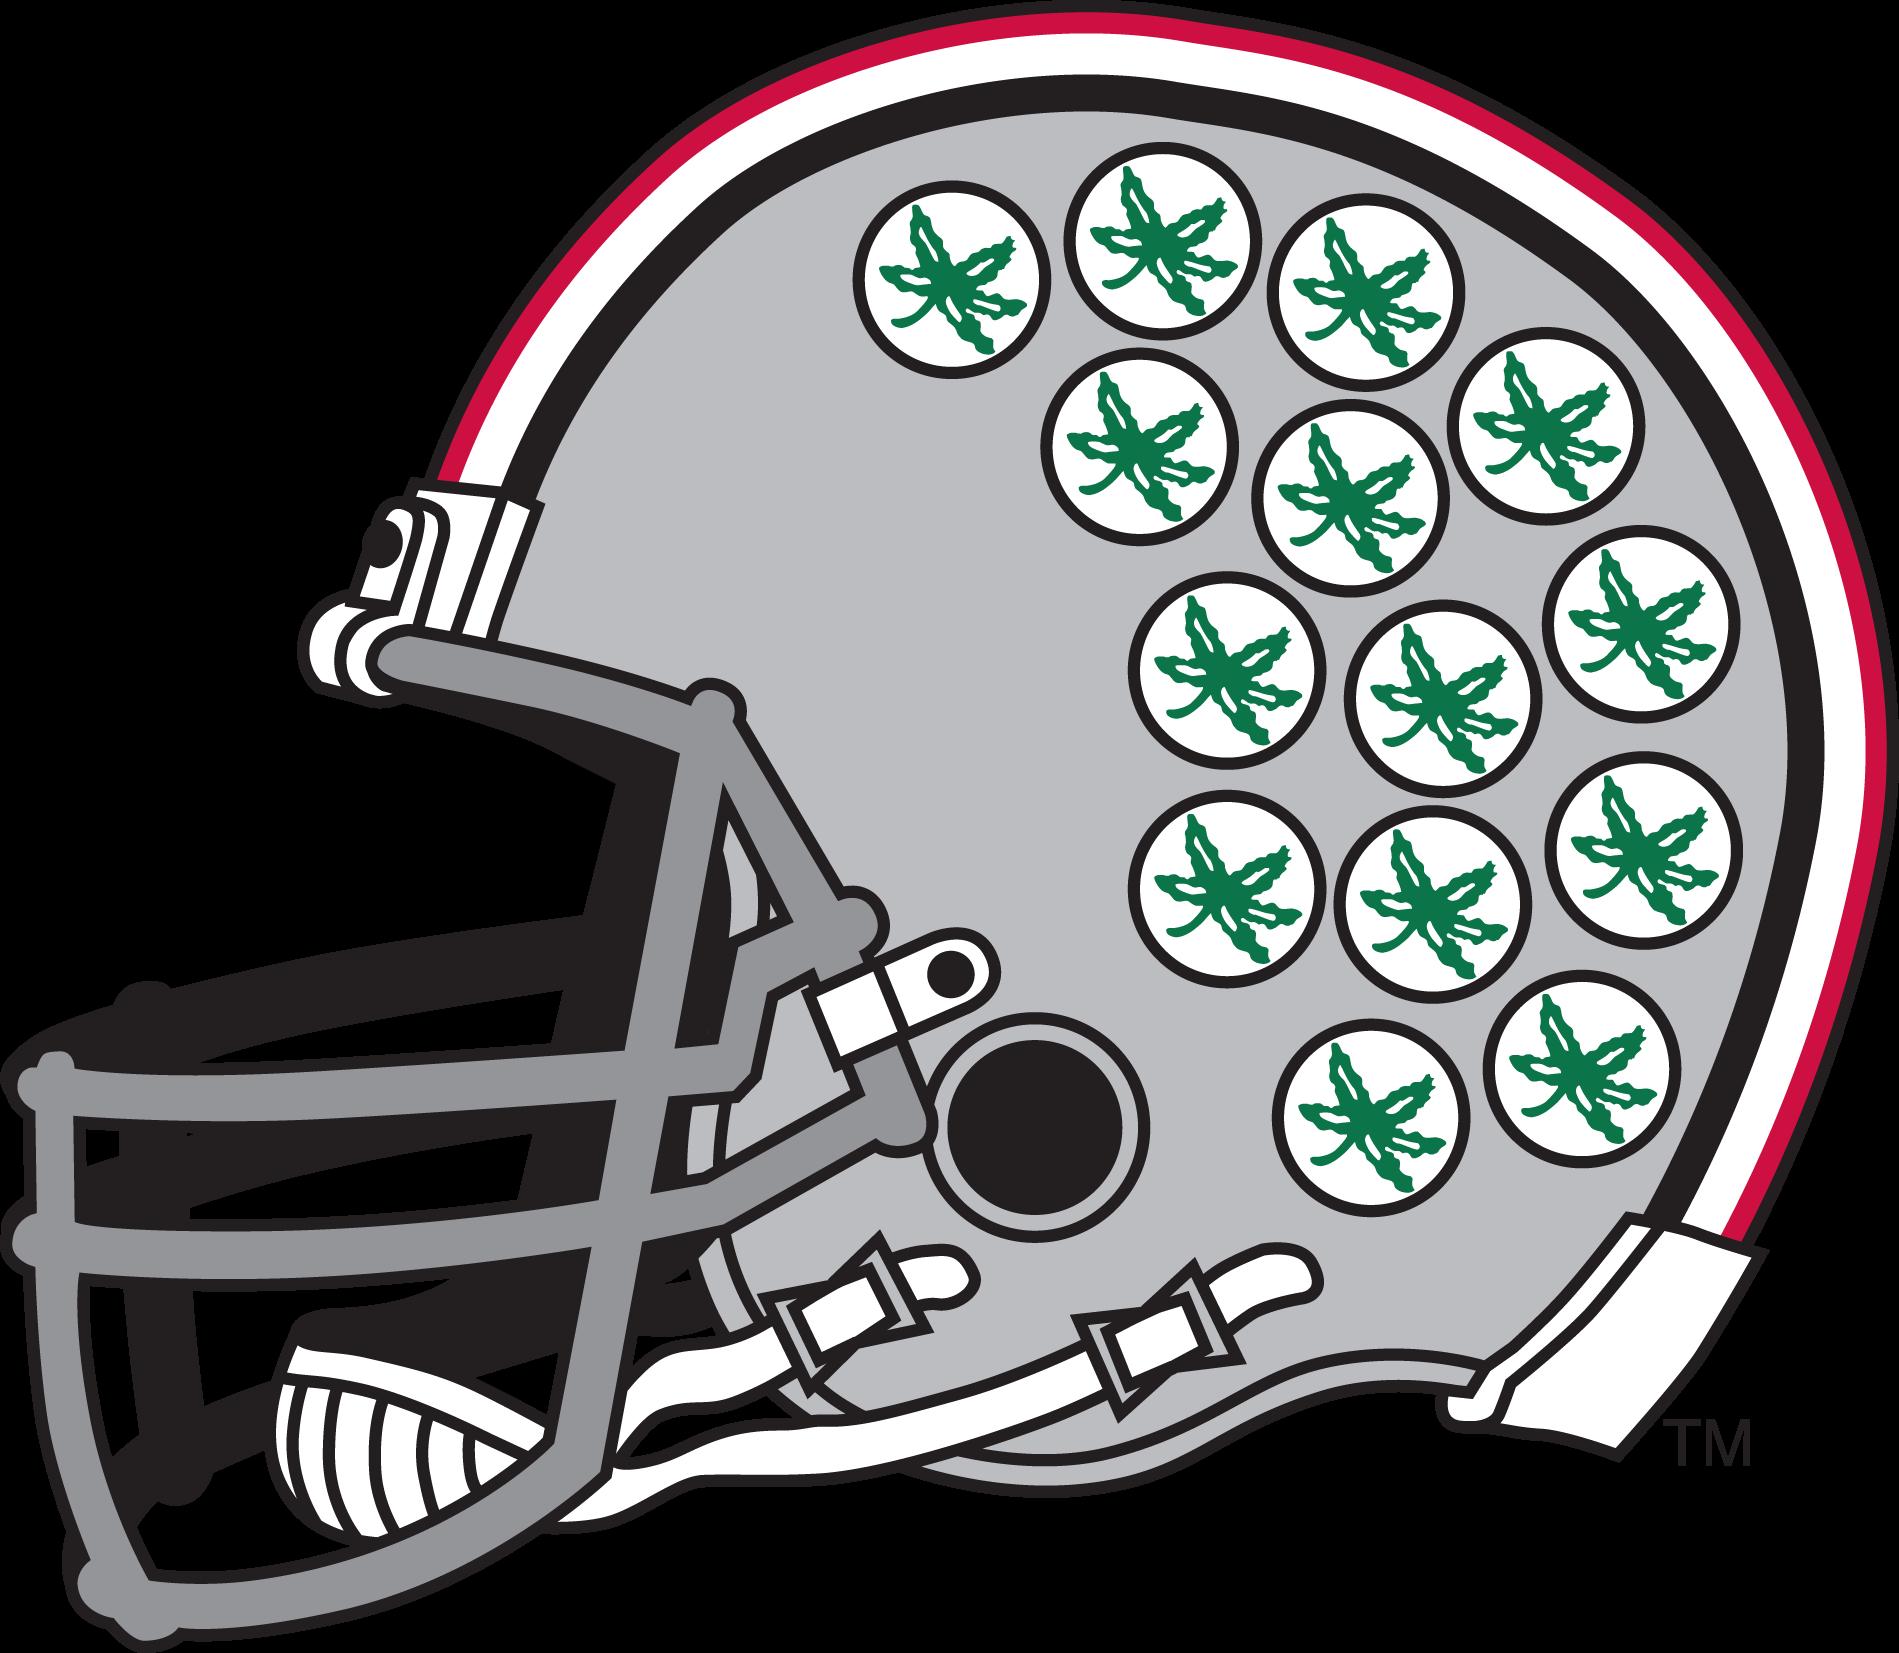 Ohio State Football Helmet Drawing